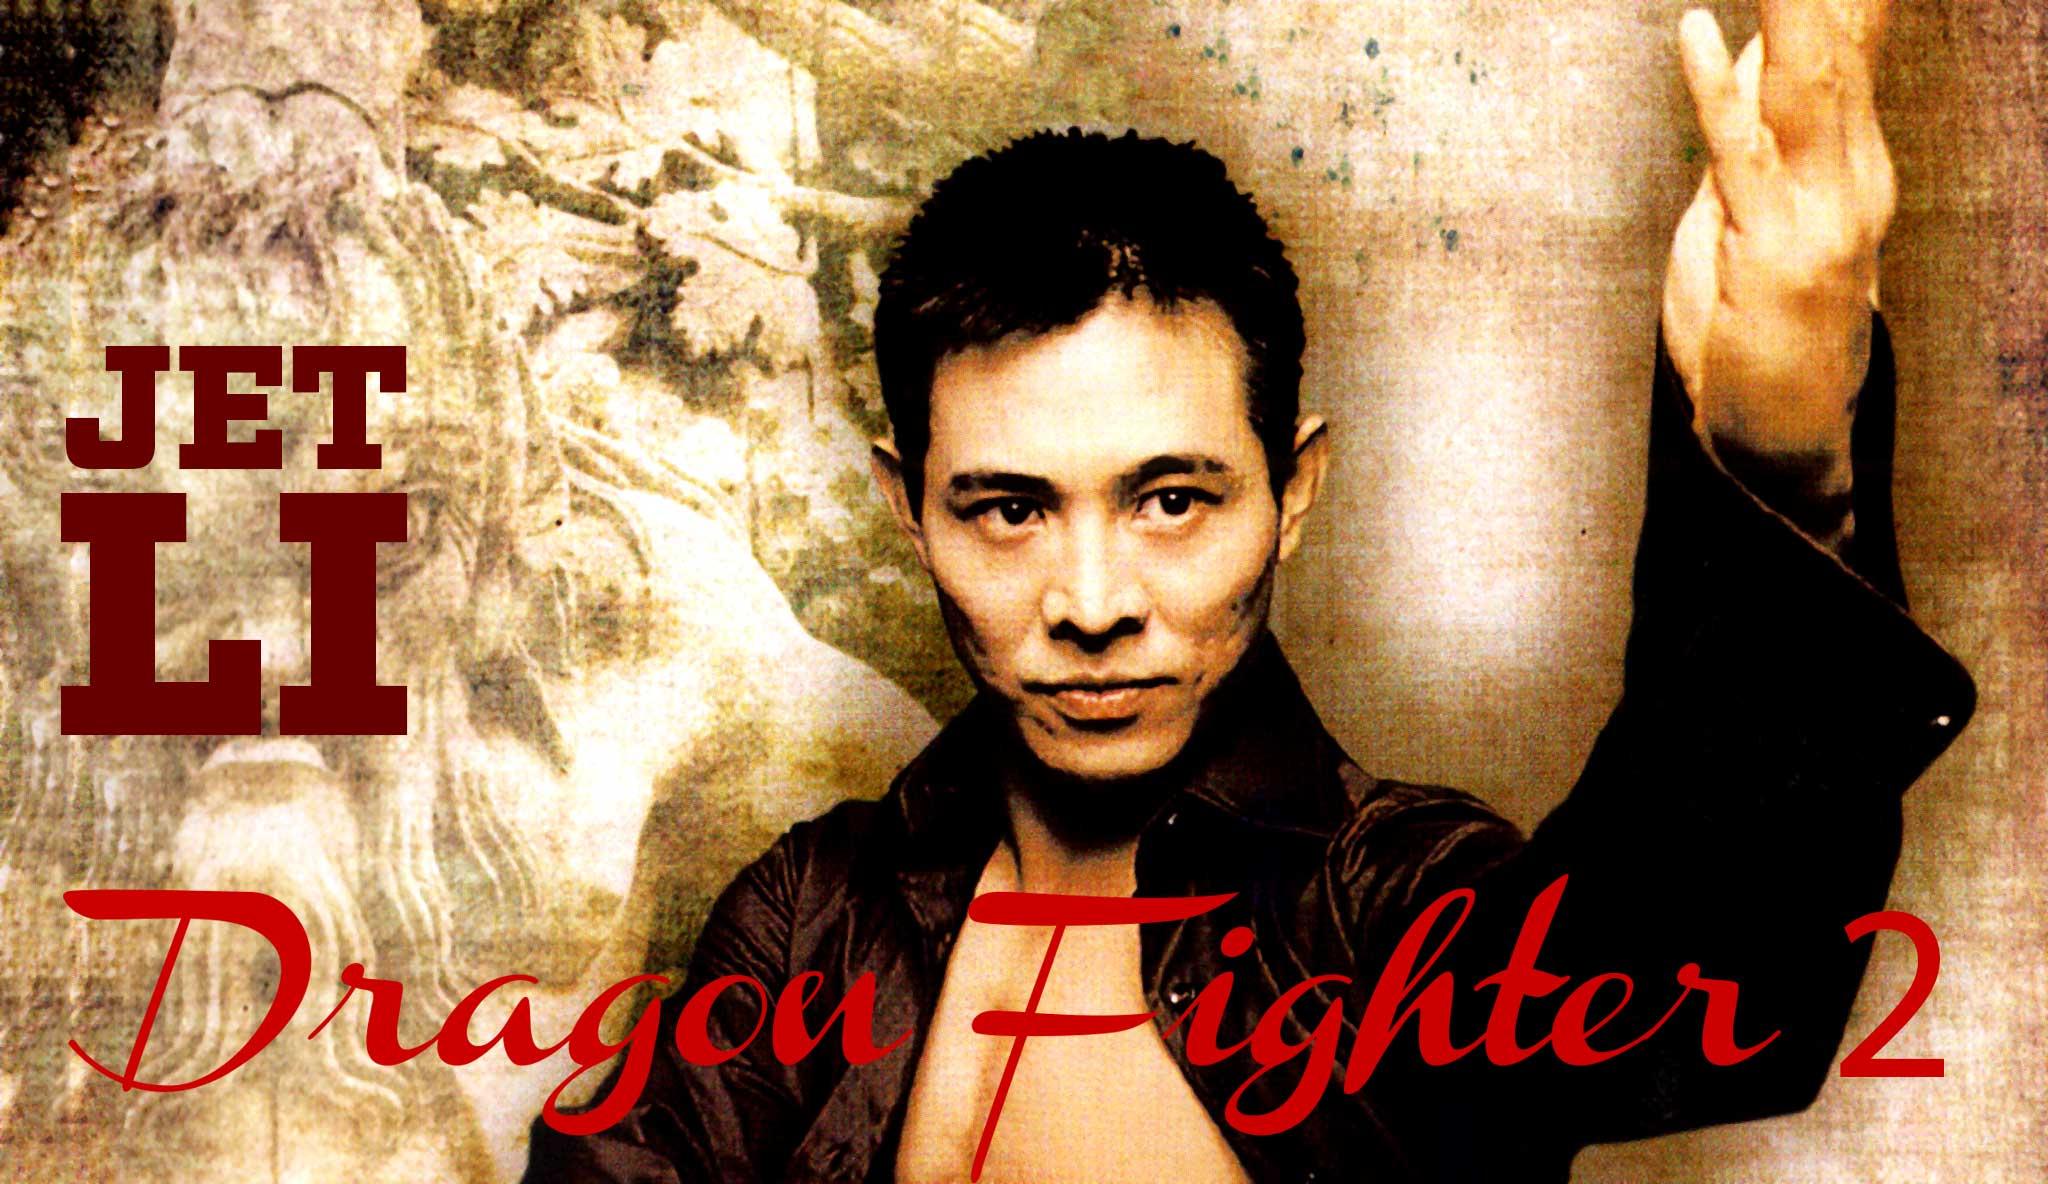 jet-li-dragon-fighter-2\header.jpg